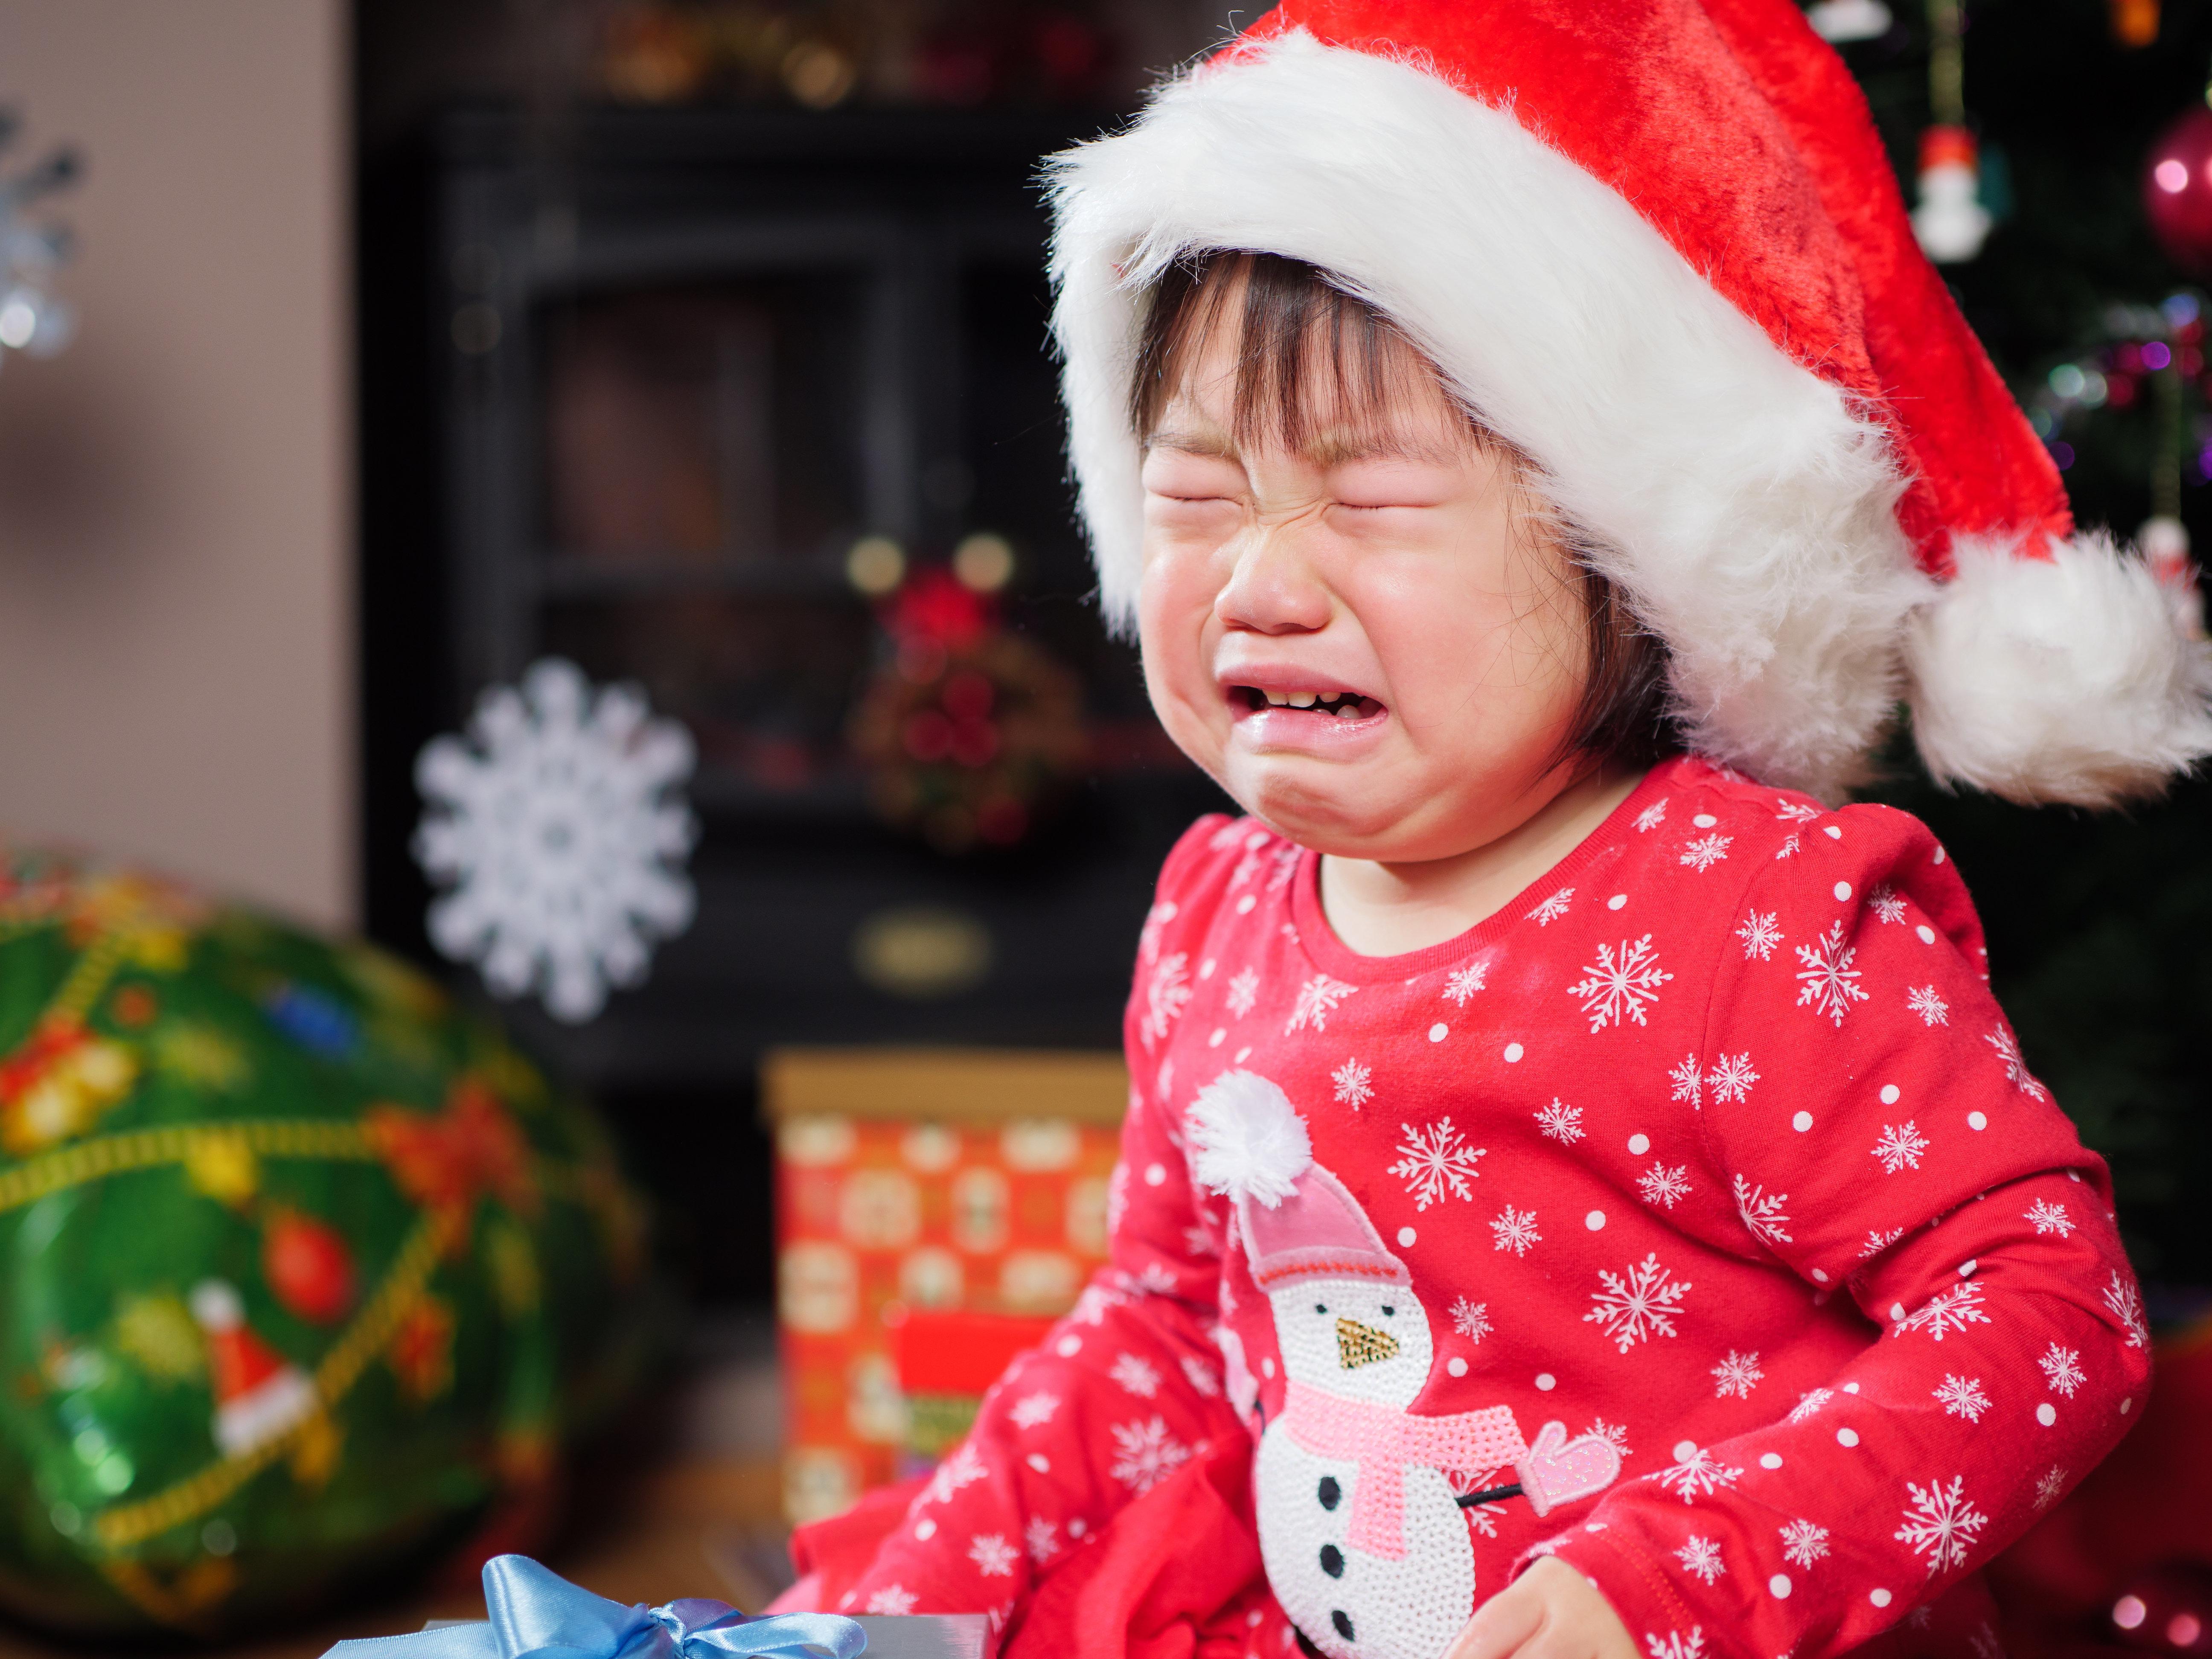 Lehrerin verrät Kindern, dass es den Weihnachtsmann nicht gibt – und wird